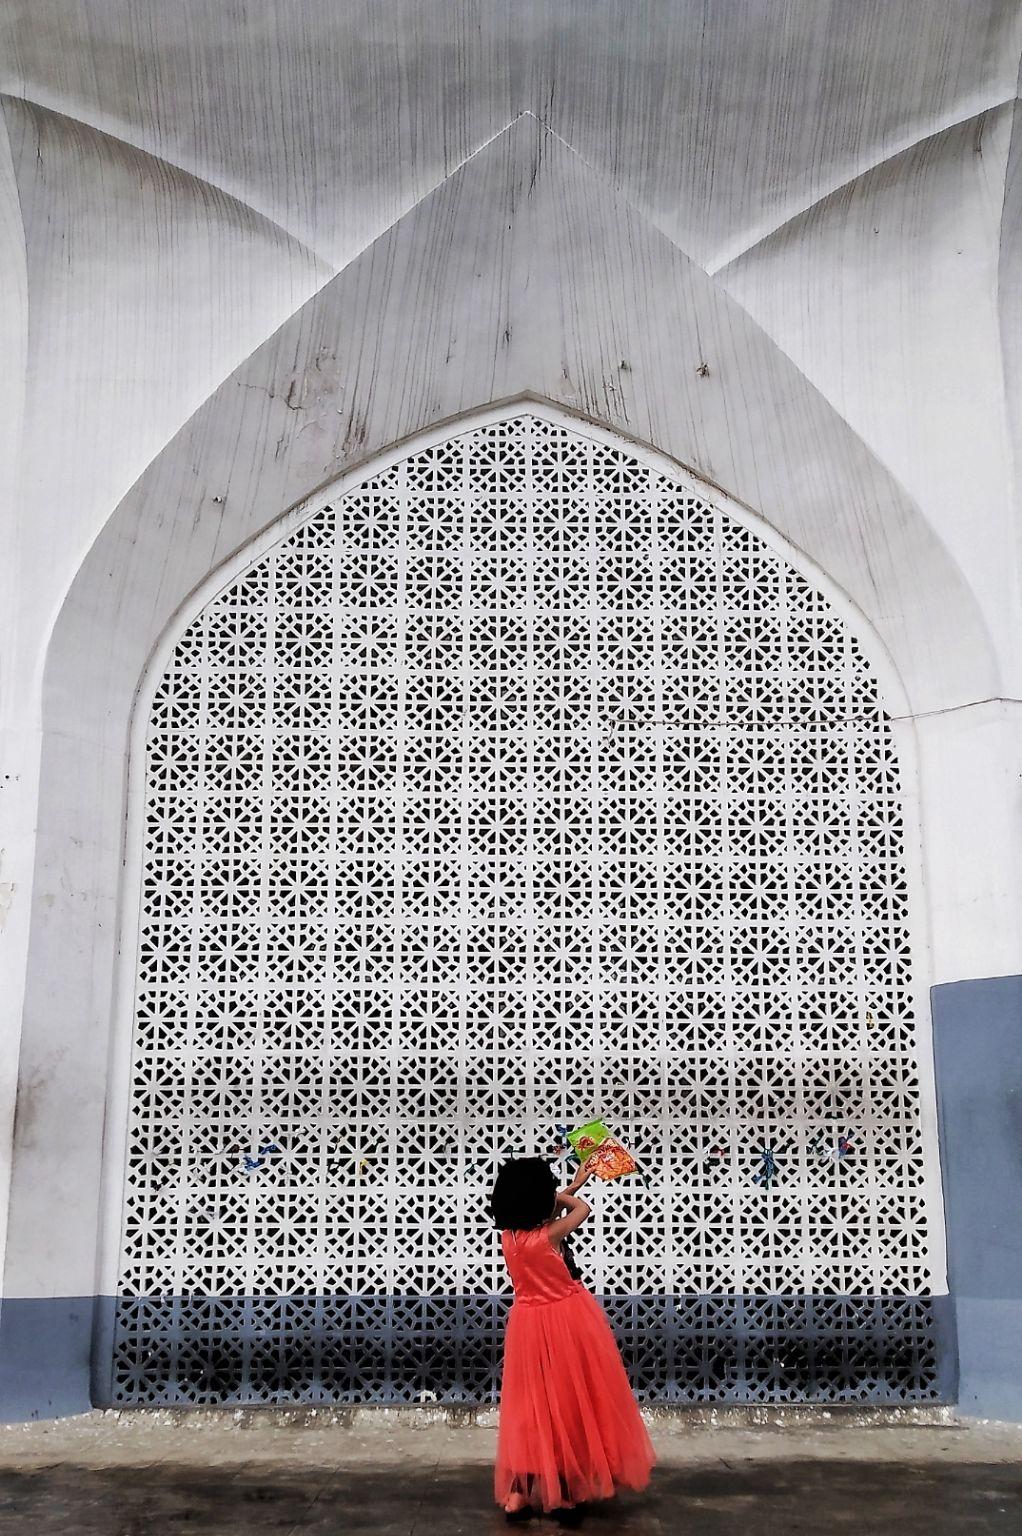 Photo of Dargah Sharif By Musaib iqbal bhat